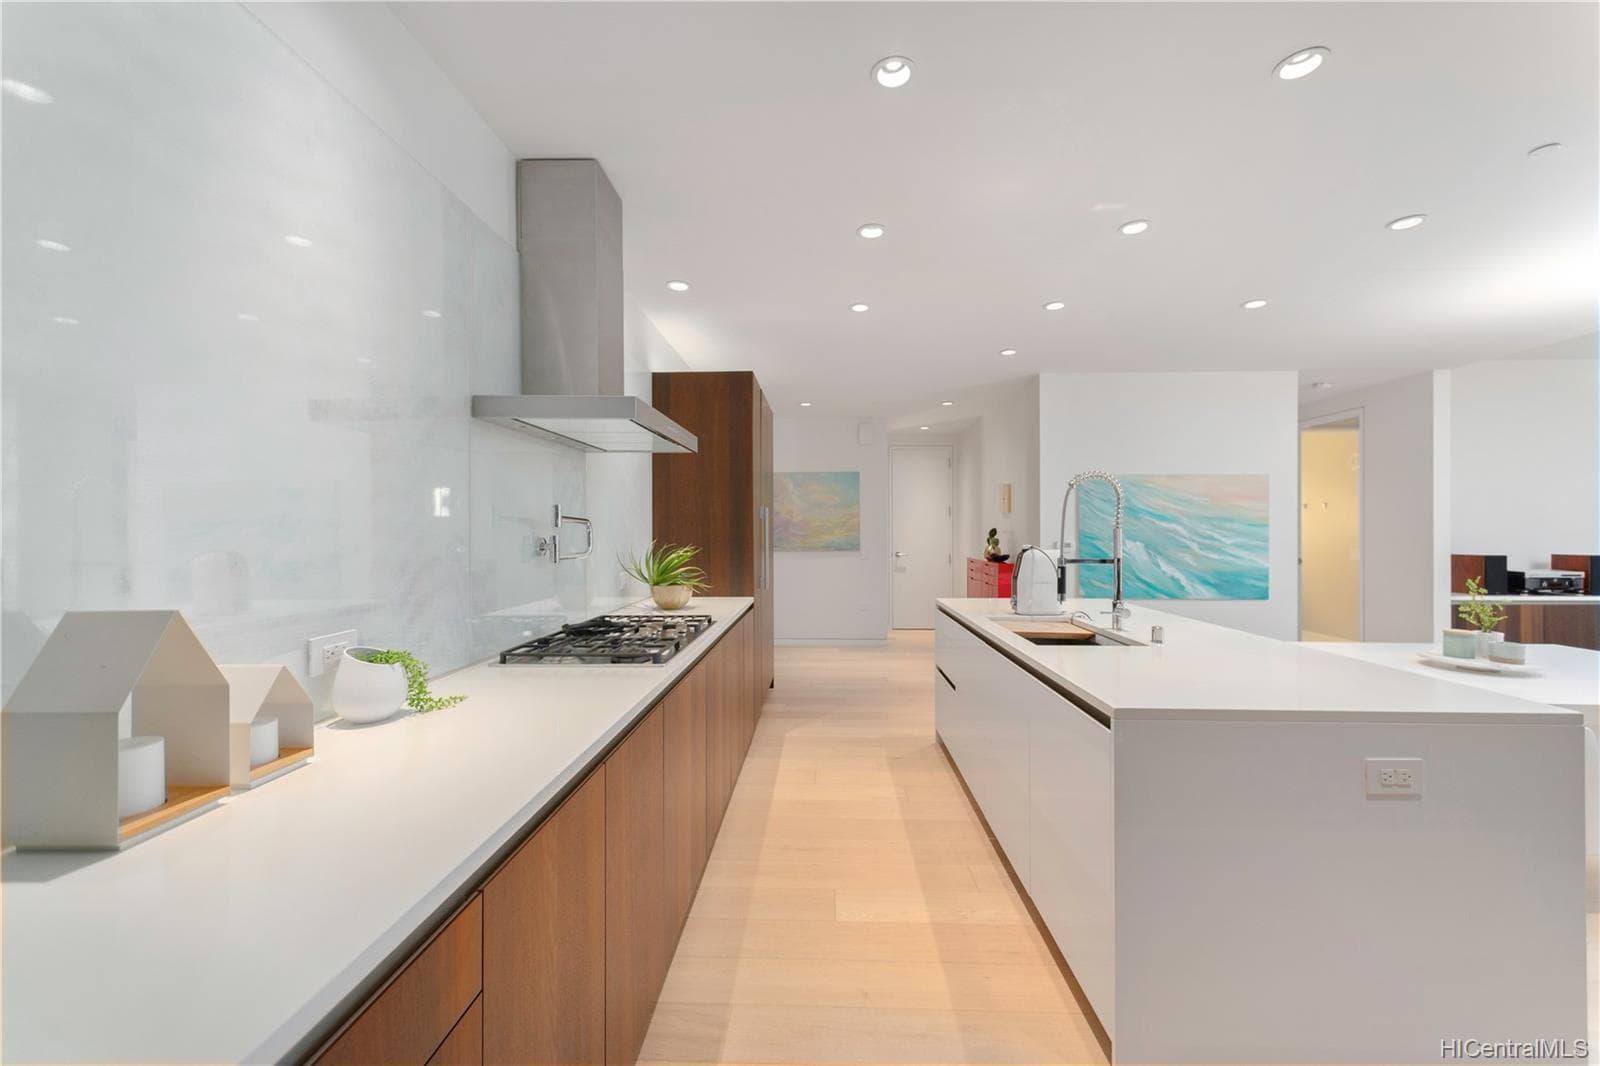 Waiea Kitchen 2